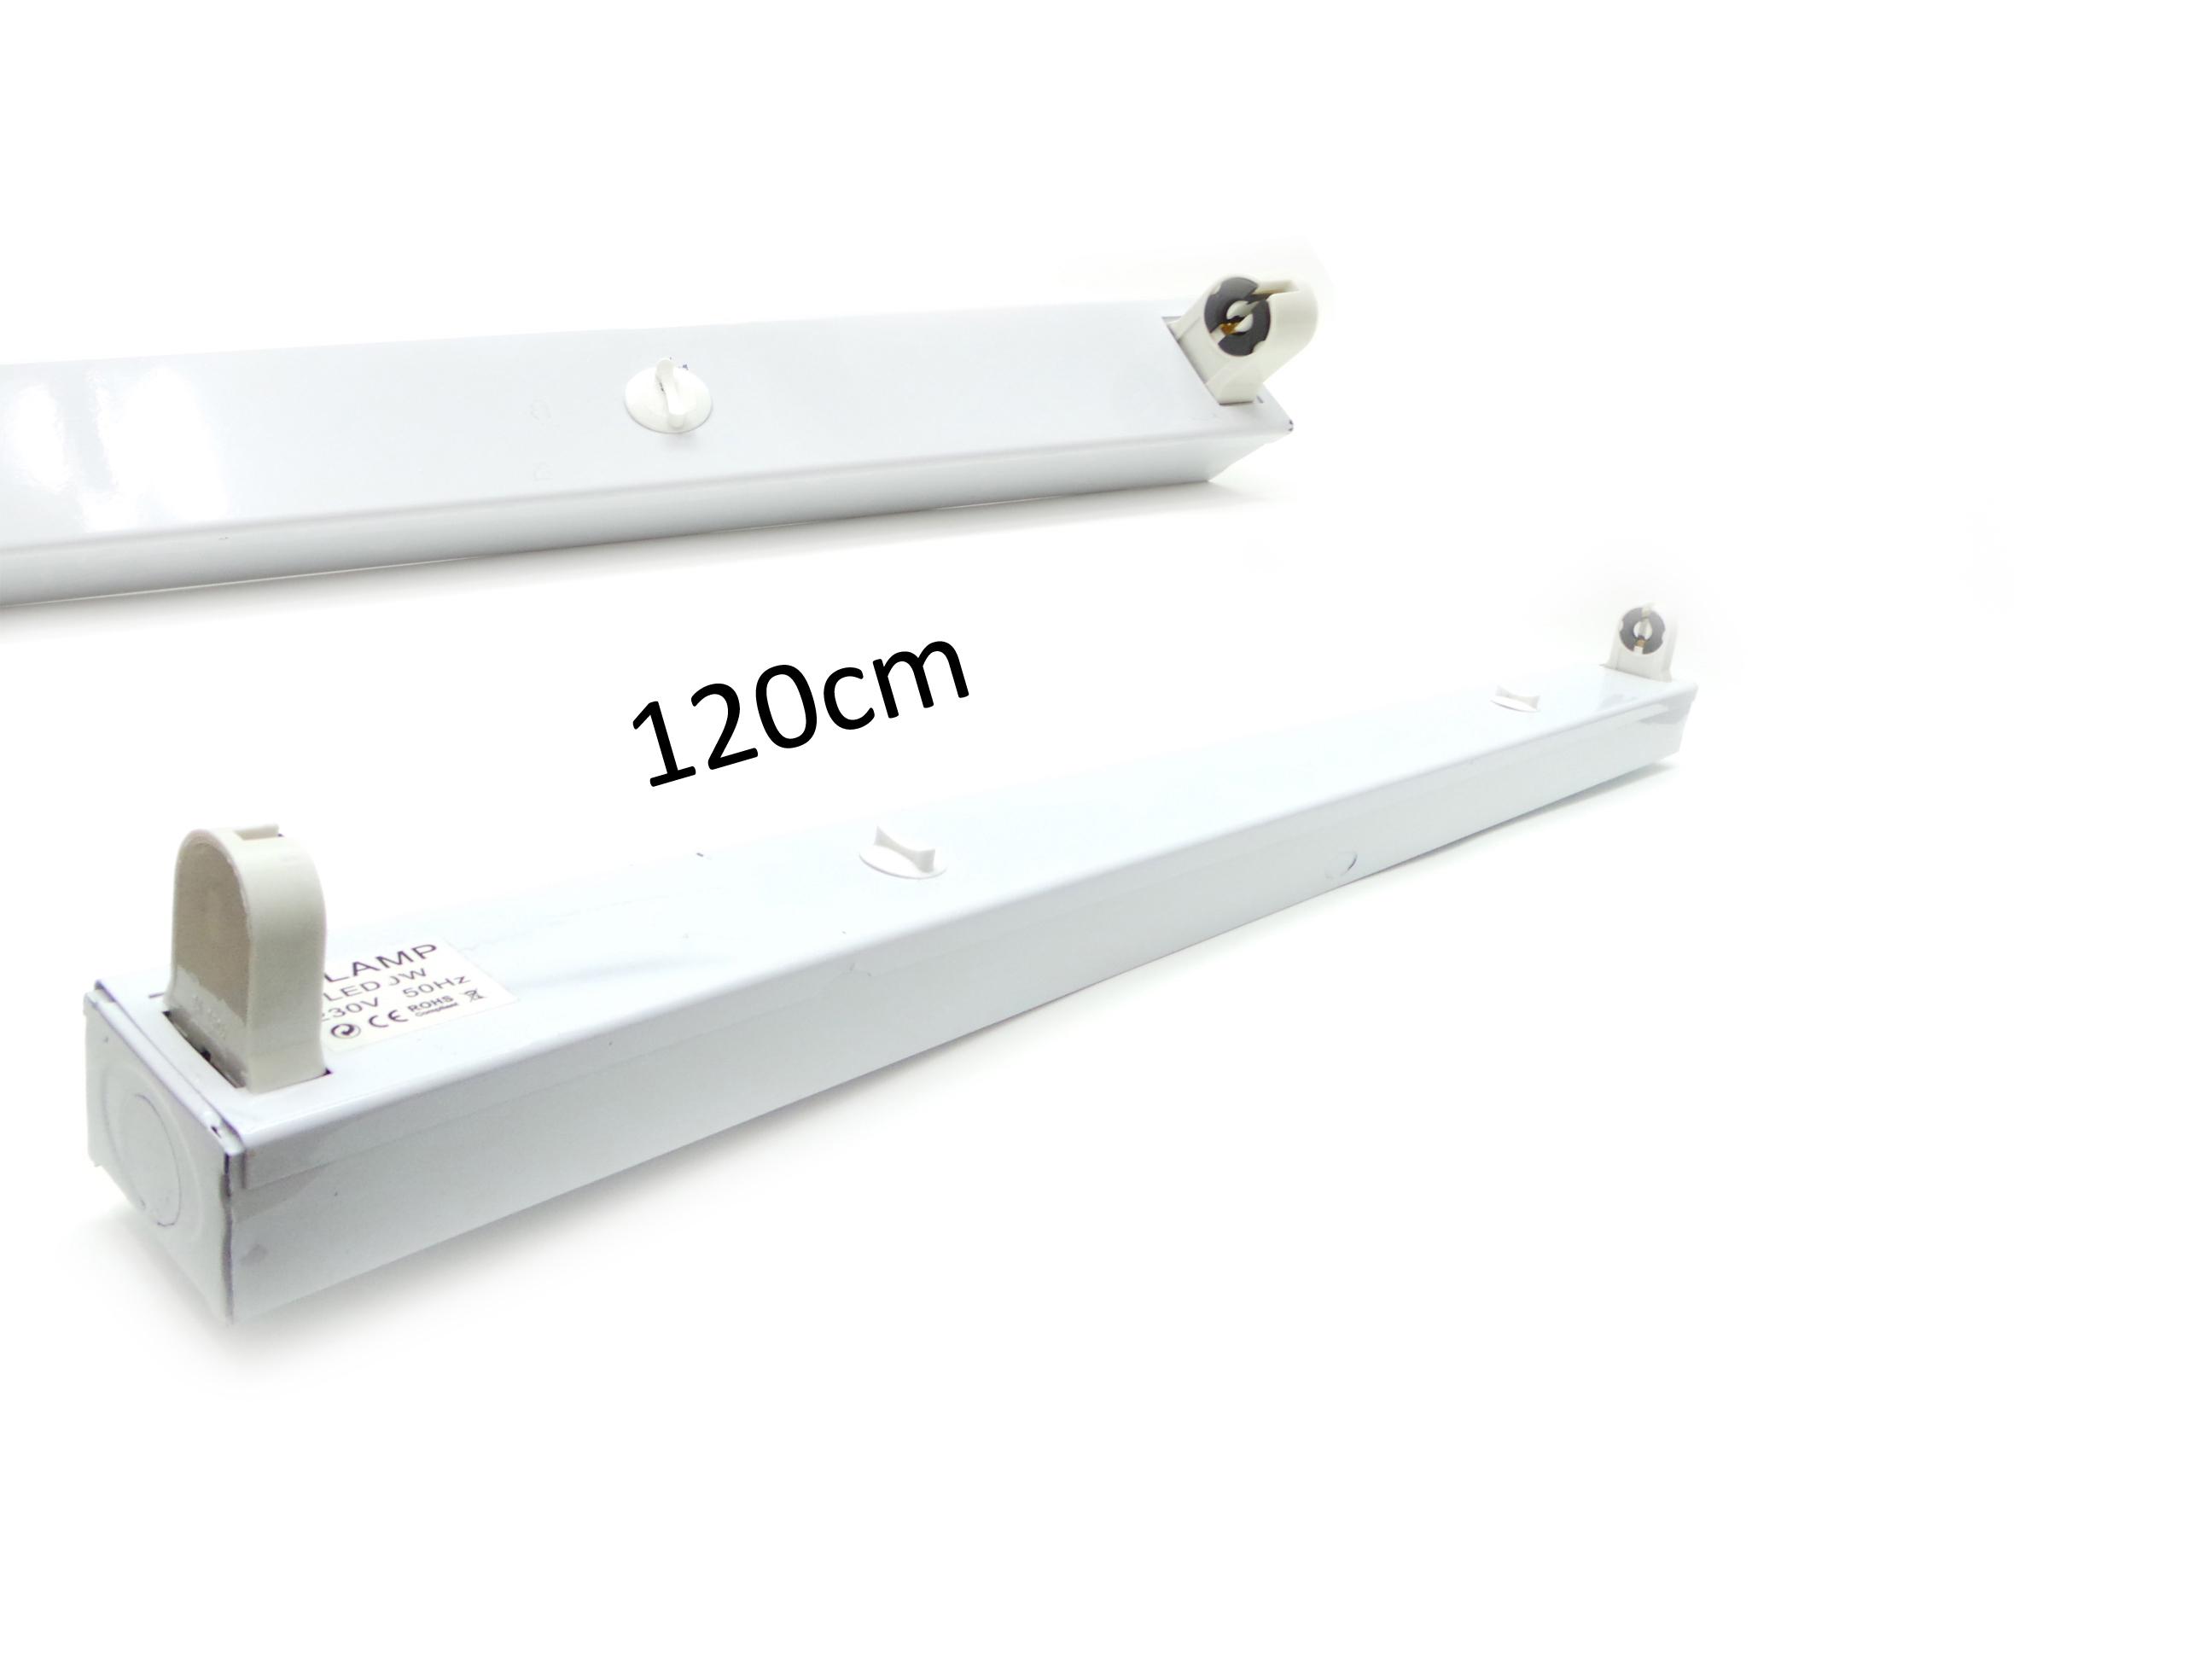 Plafoniere Neon Da Soffitto.Reglette Plafoniera Neon Led T8 Attacco Porta Tubi Led Led Da 120cm